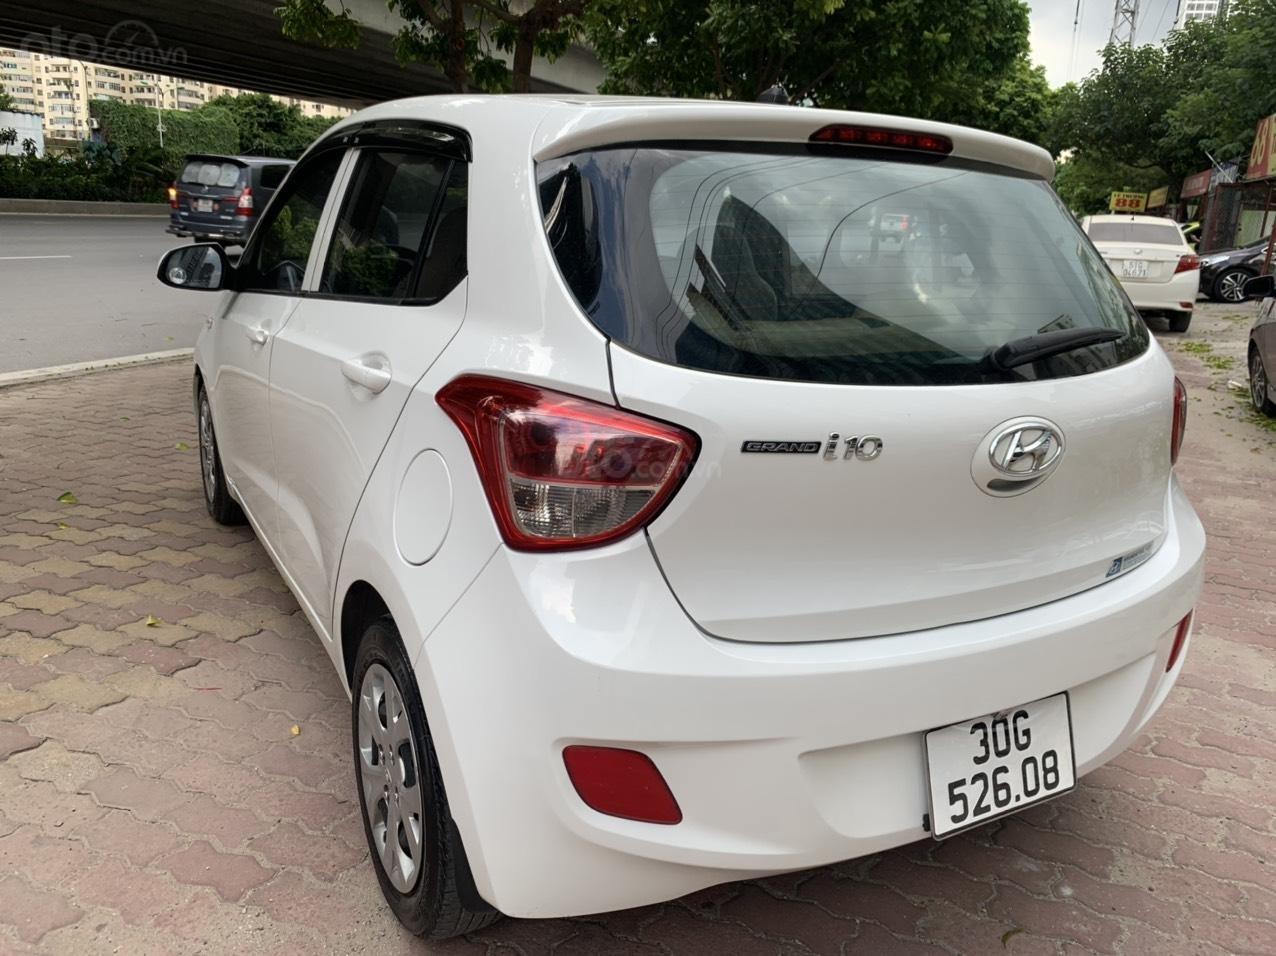 Cần bán xe Hyundai Grand i10 MT 1.0, sản xuất năm 2016 (5)